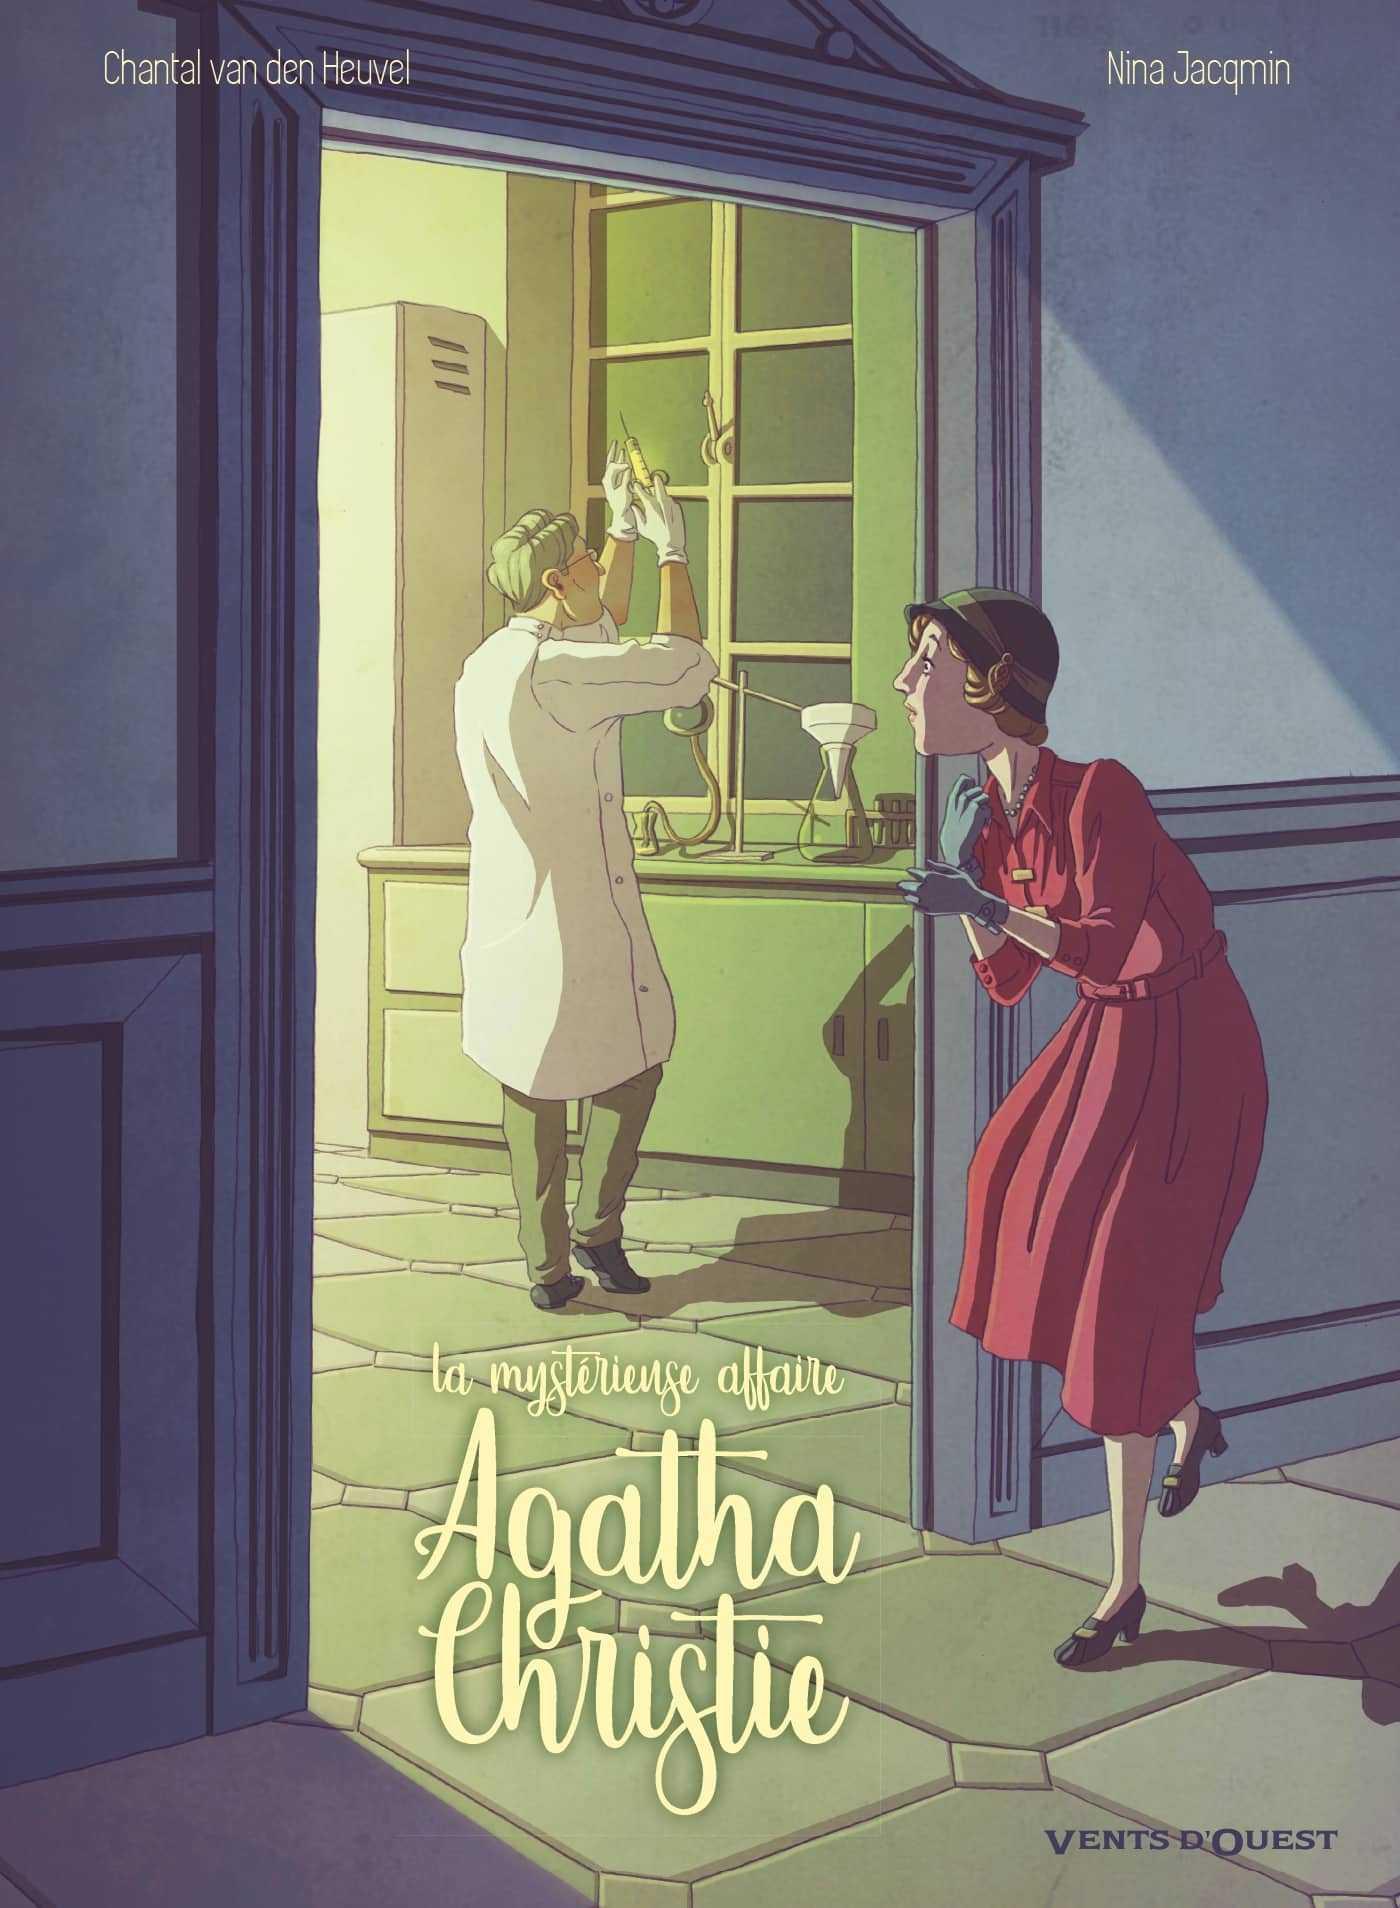 La Mystérieuse affaire Agatha Christie, une fuite désespérée